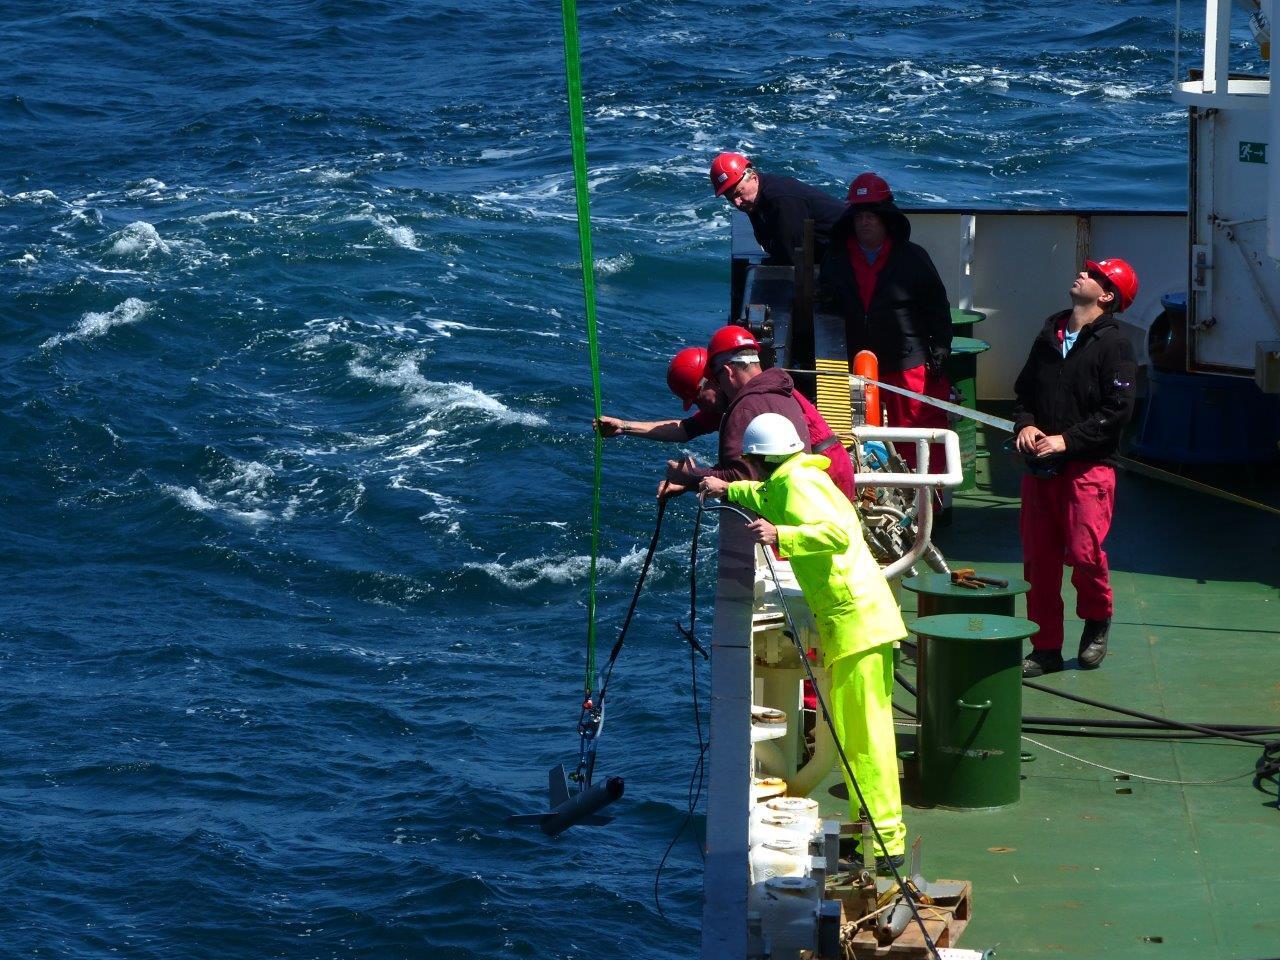 homens-com-capacete-a-bordo-de-um-navio-colocam-aparelho-na-agua-do-mar-com-ajuda-de-um-cabo